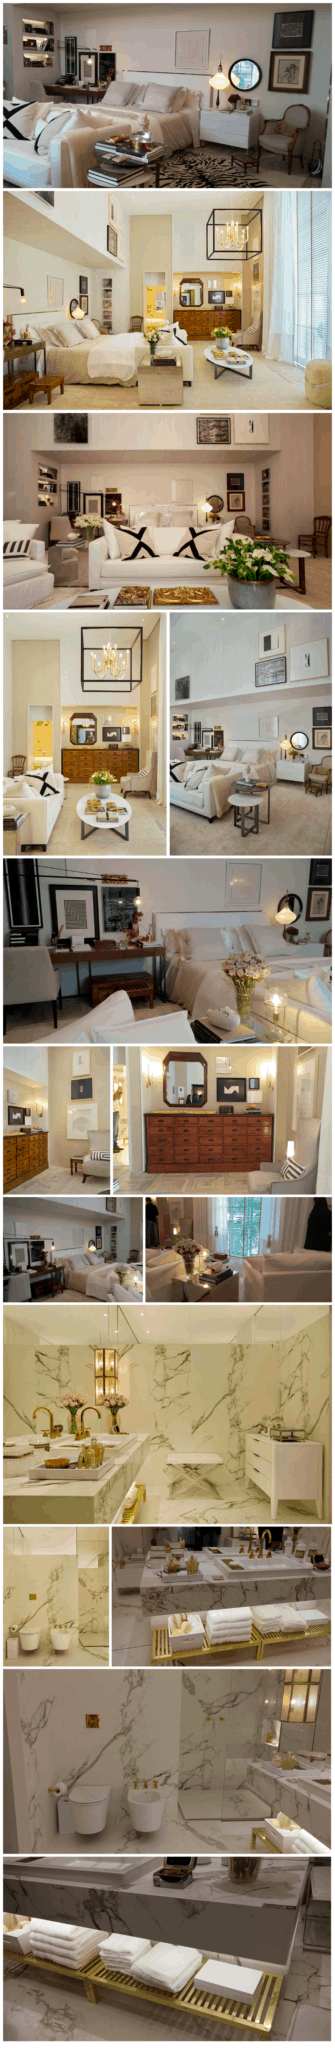 paola-ribeiro-suite-do-colecionador-casa-cor-decorar-com-charme